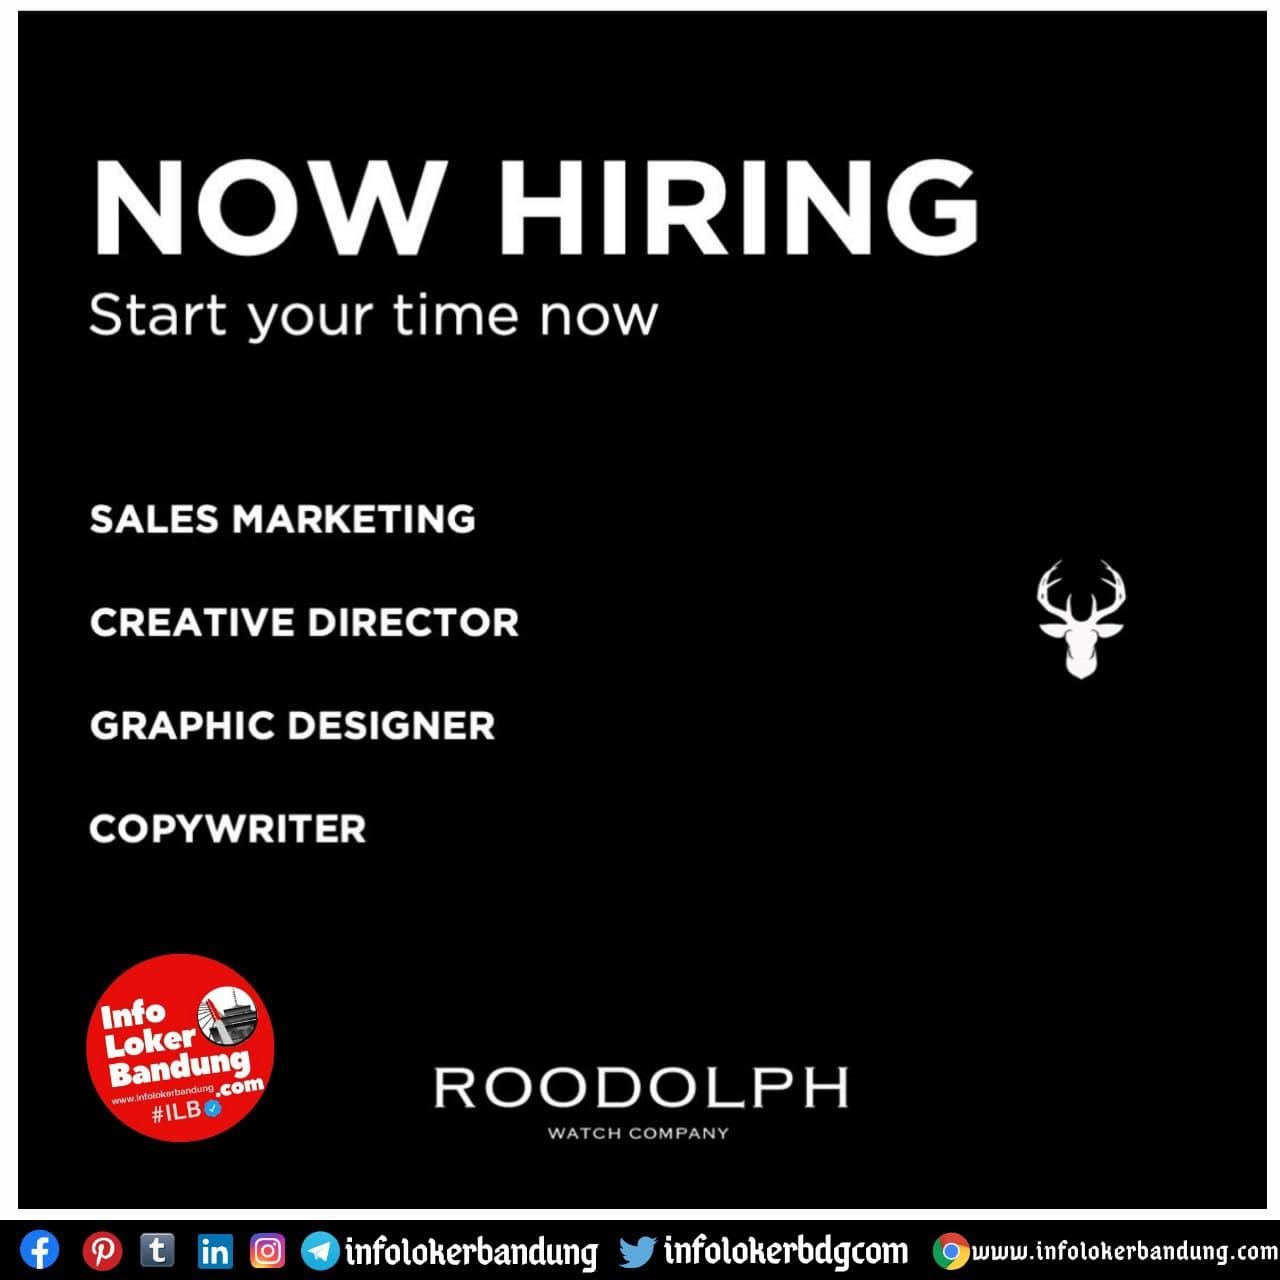 Lowongan Kerja Roodolph Watch Company Bandung Januari 2021